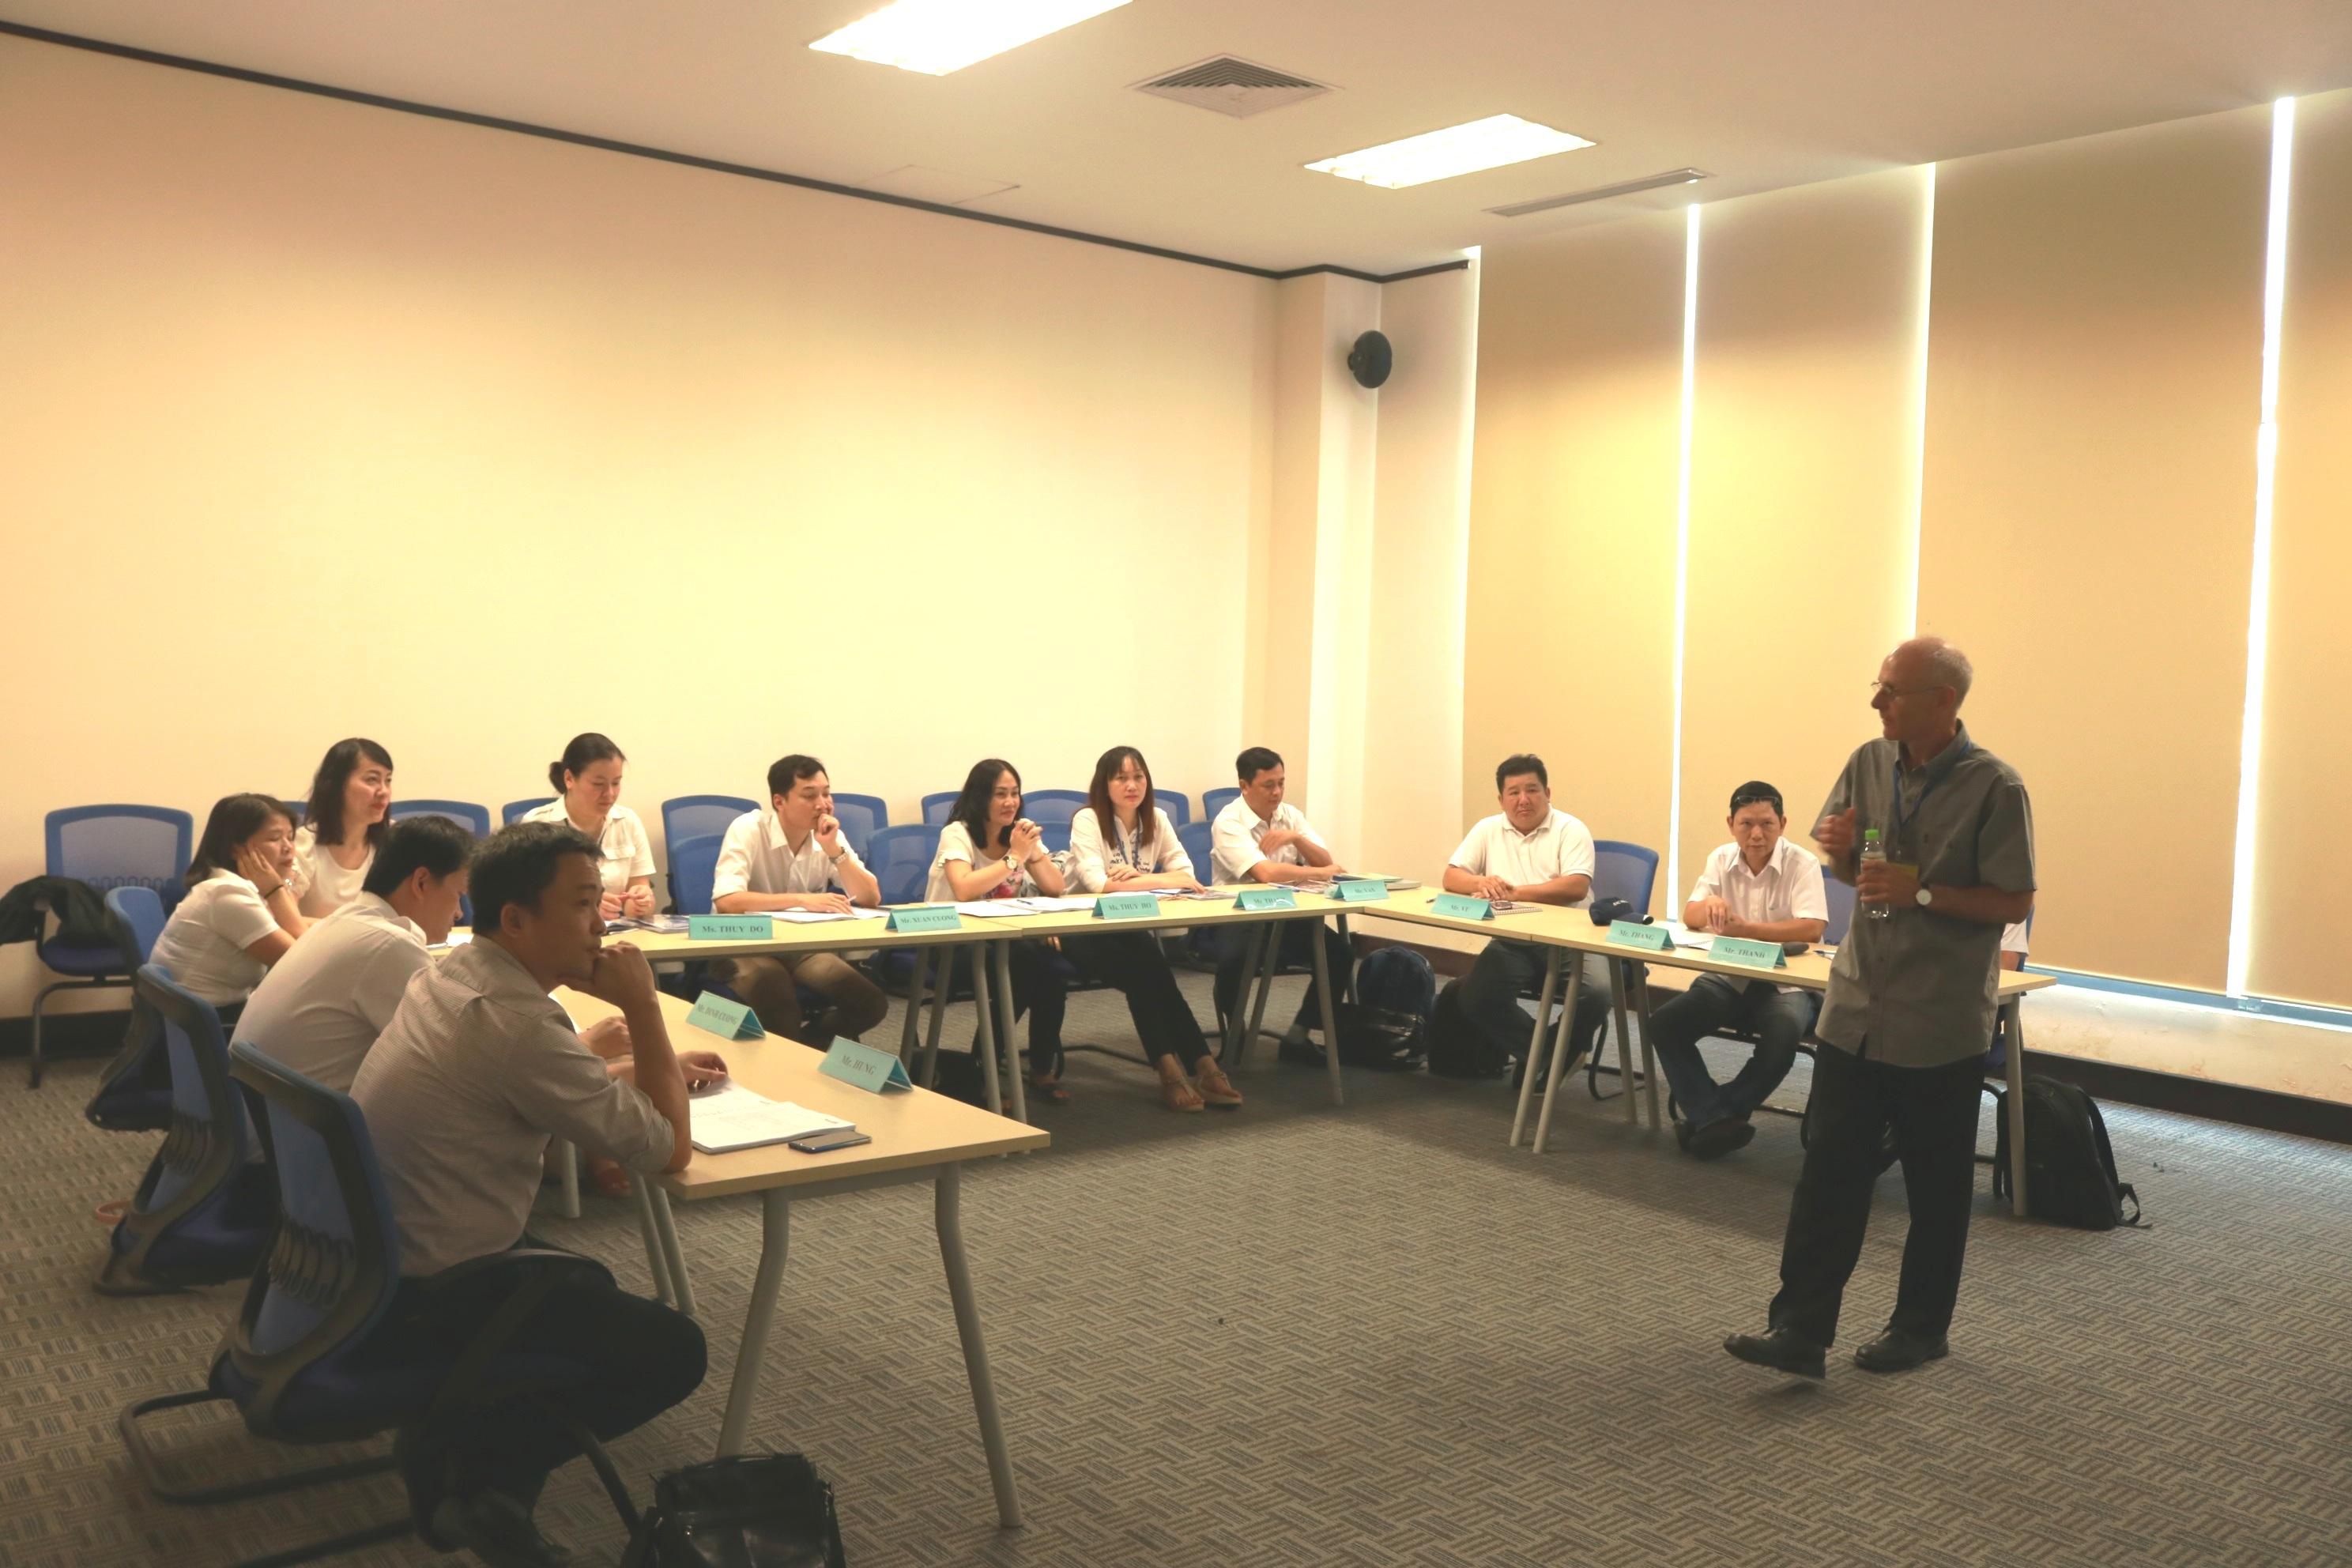 Trung tâm Đào tạo - Huấn luyện nghiệp vụ Quản lý bay tổ chức đào tạo khóa Kíp trưởng không lưu